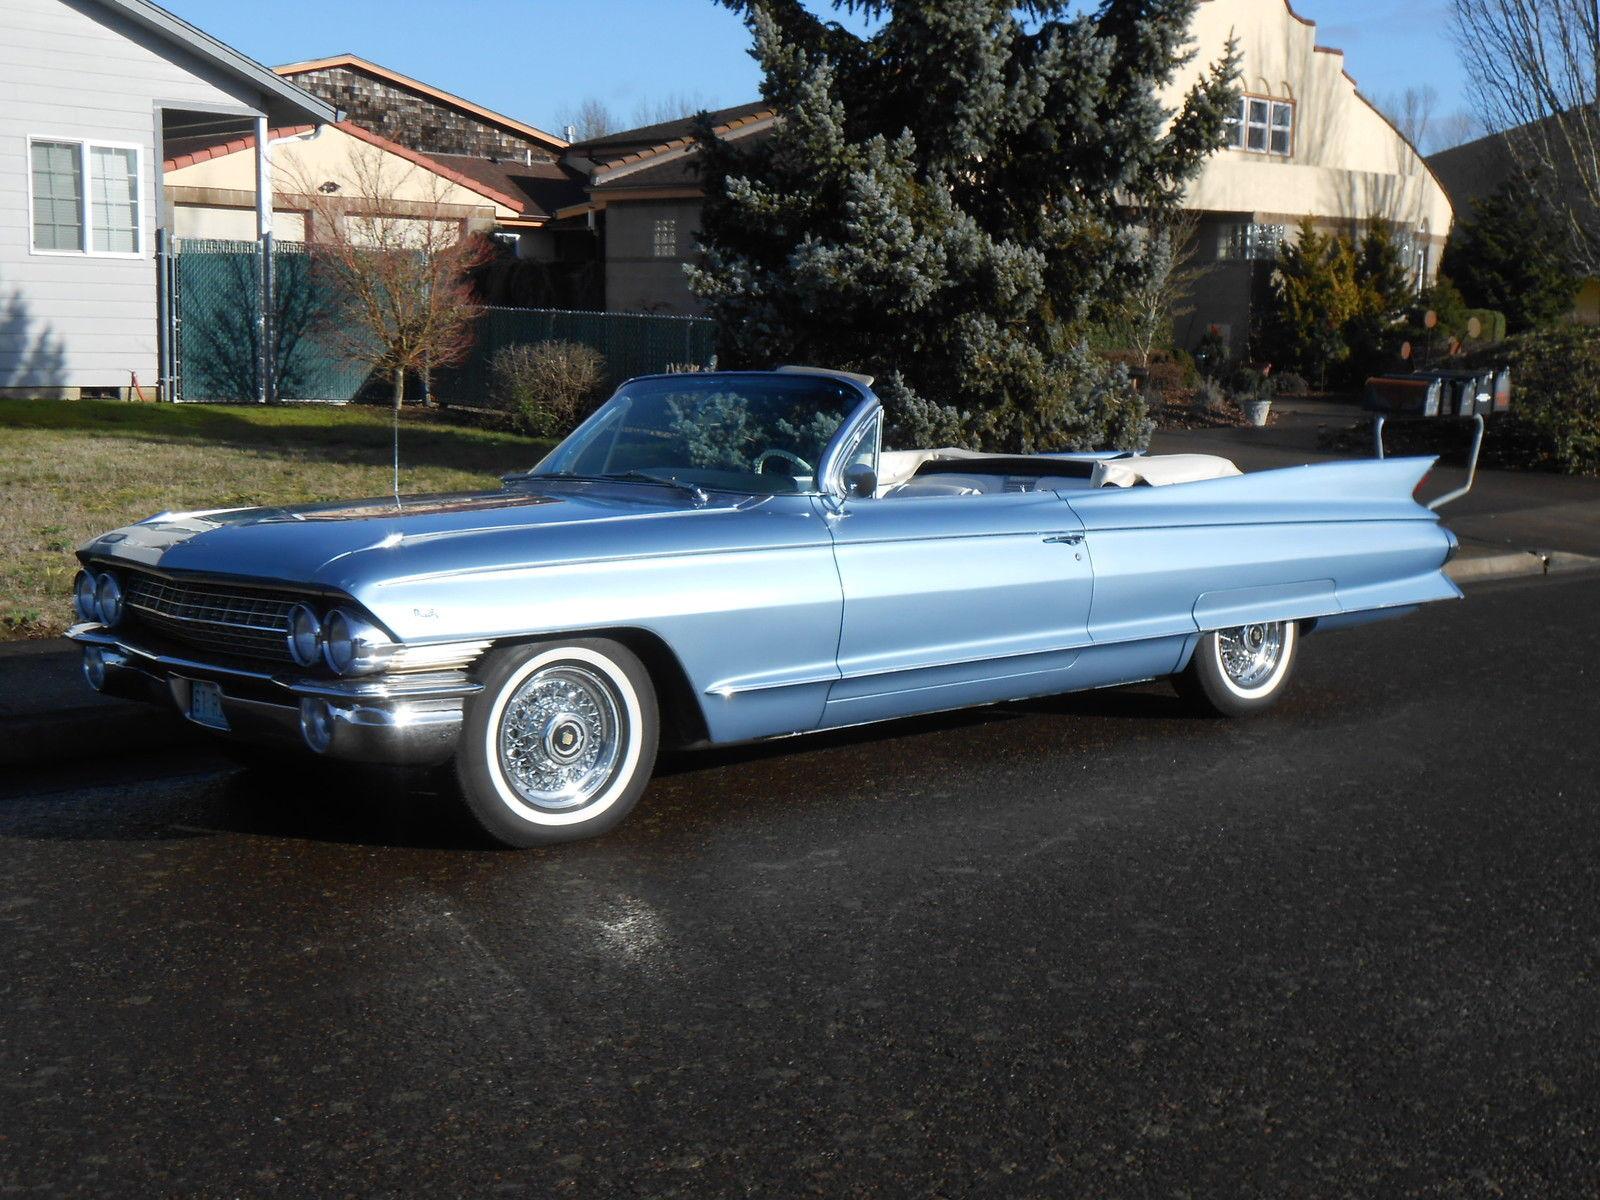 1961 Cadillac Eldo Biarritz Convertible Restoredrare Bucket Seats Sedan Deville Eldorado